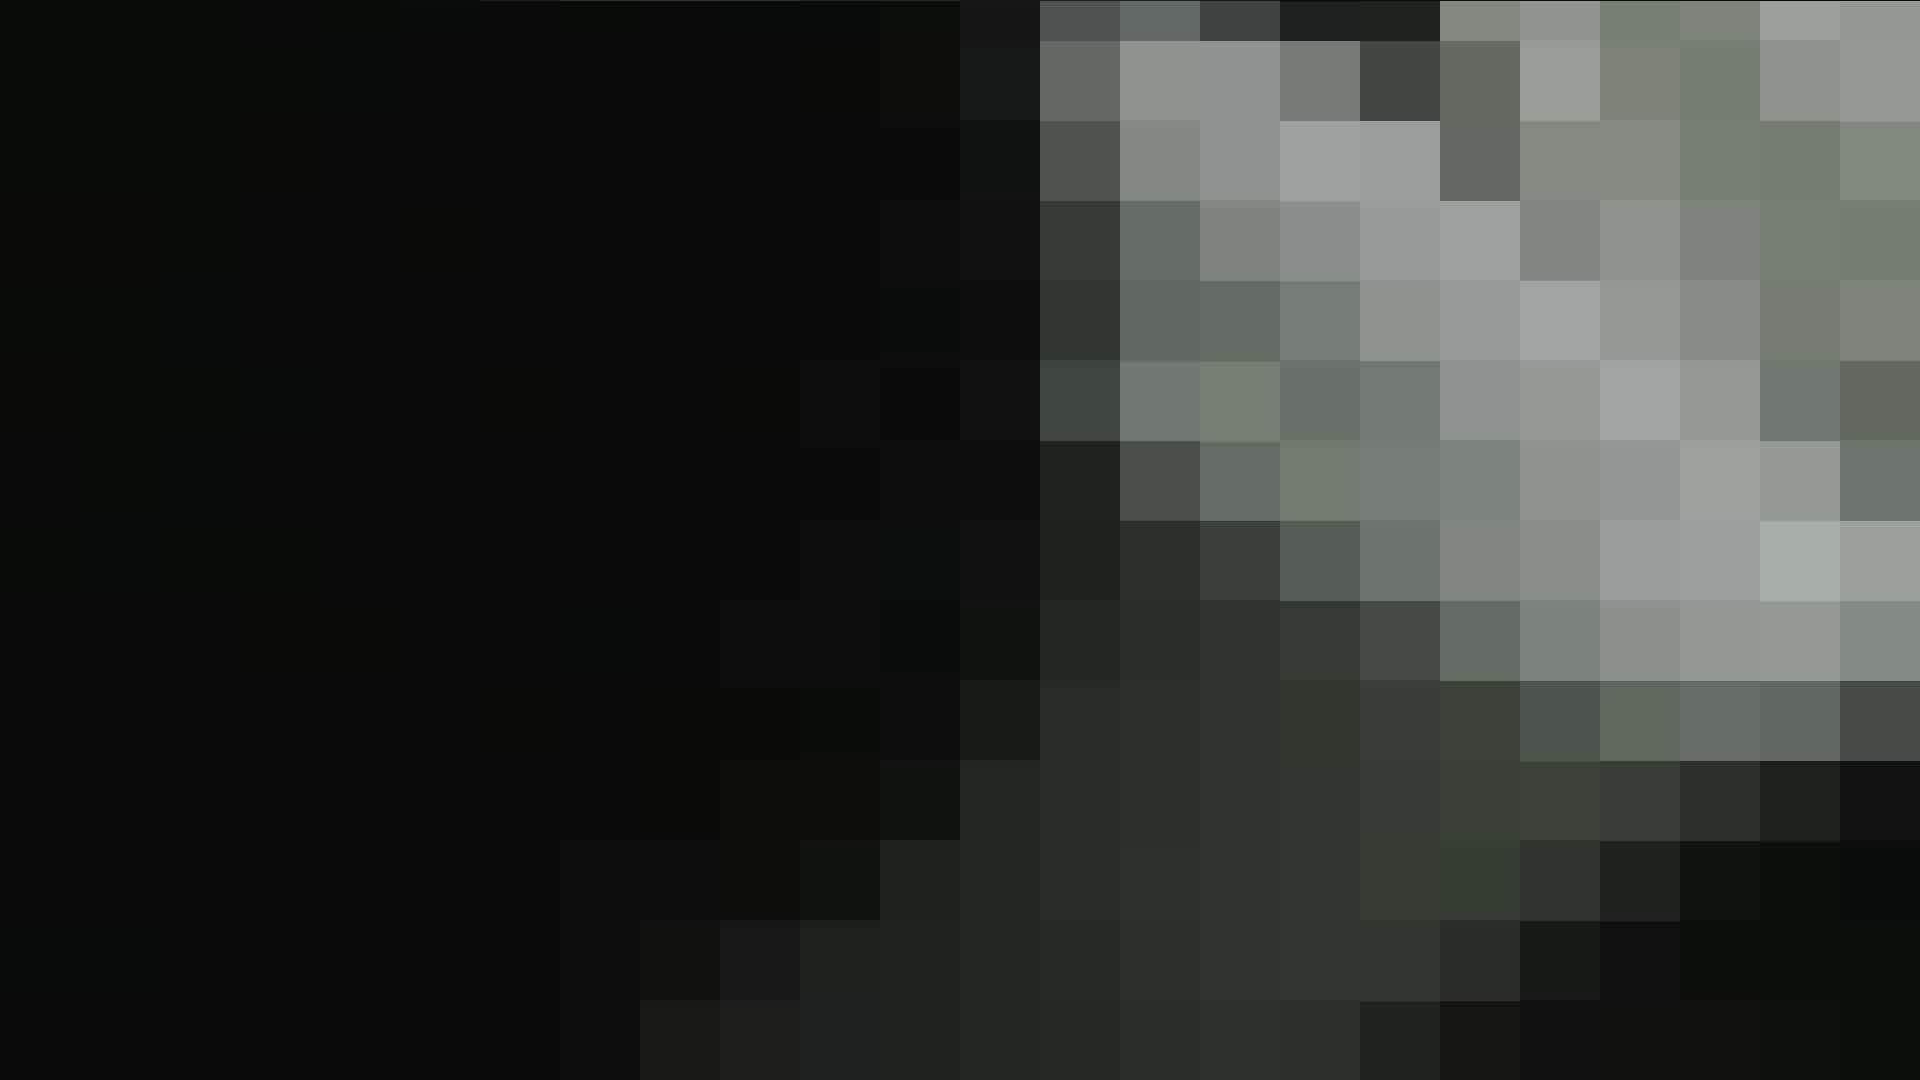 日本成人用品展览会。vol.02 着替えシーンもありマス 着替え  92画像 36